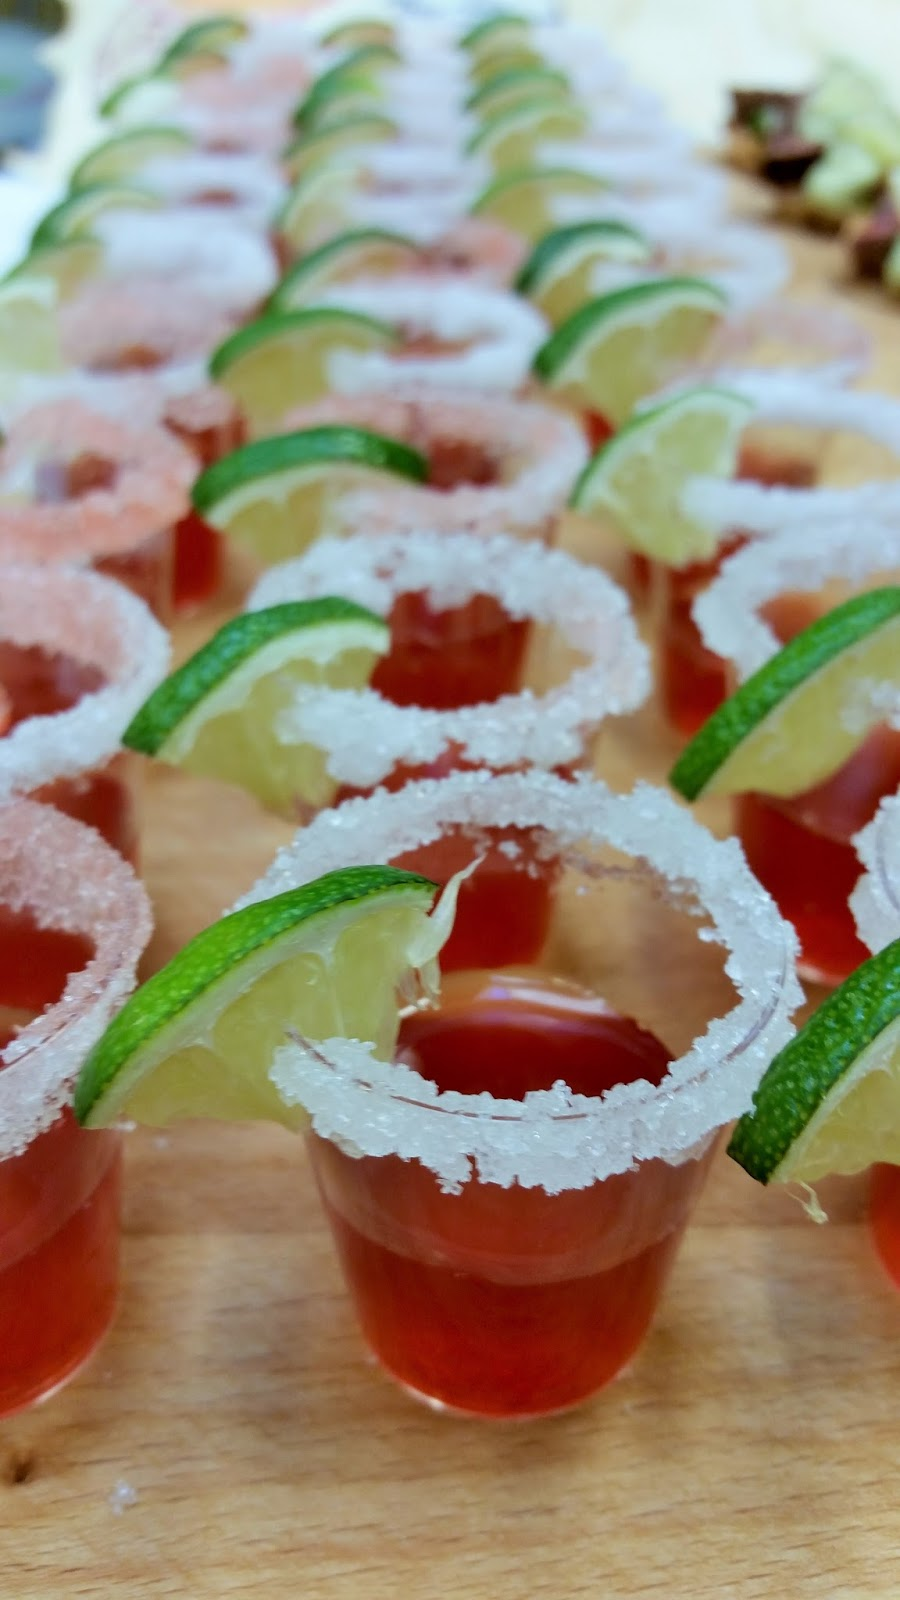 Virgin margarita med jordbær og lime